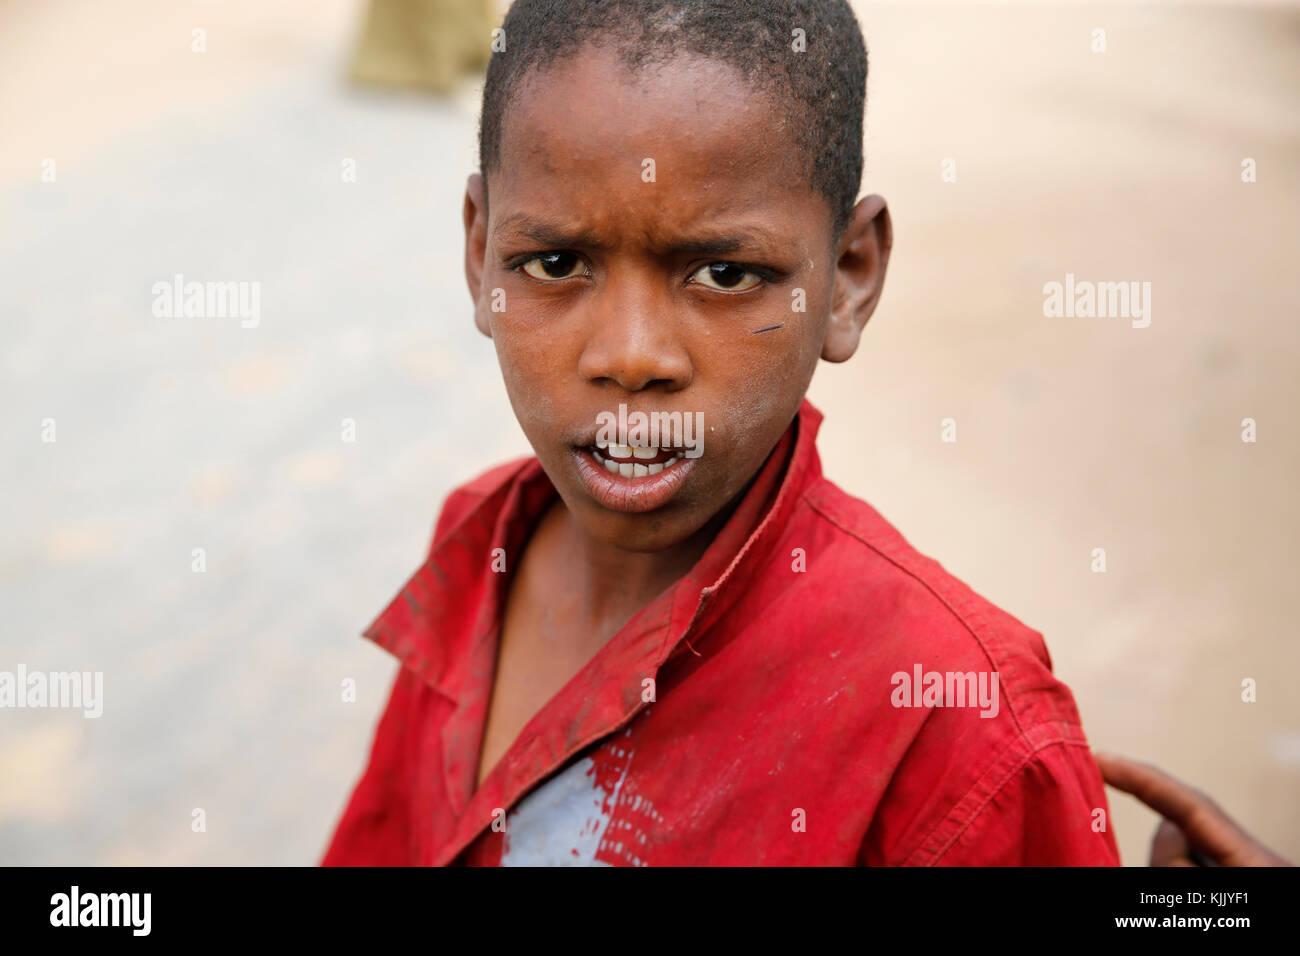 Ragazzo senegalese. Il Senegal. Immagini Stock